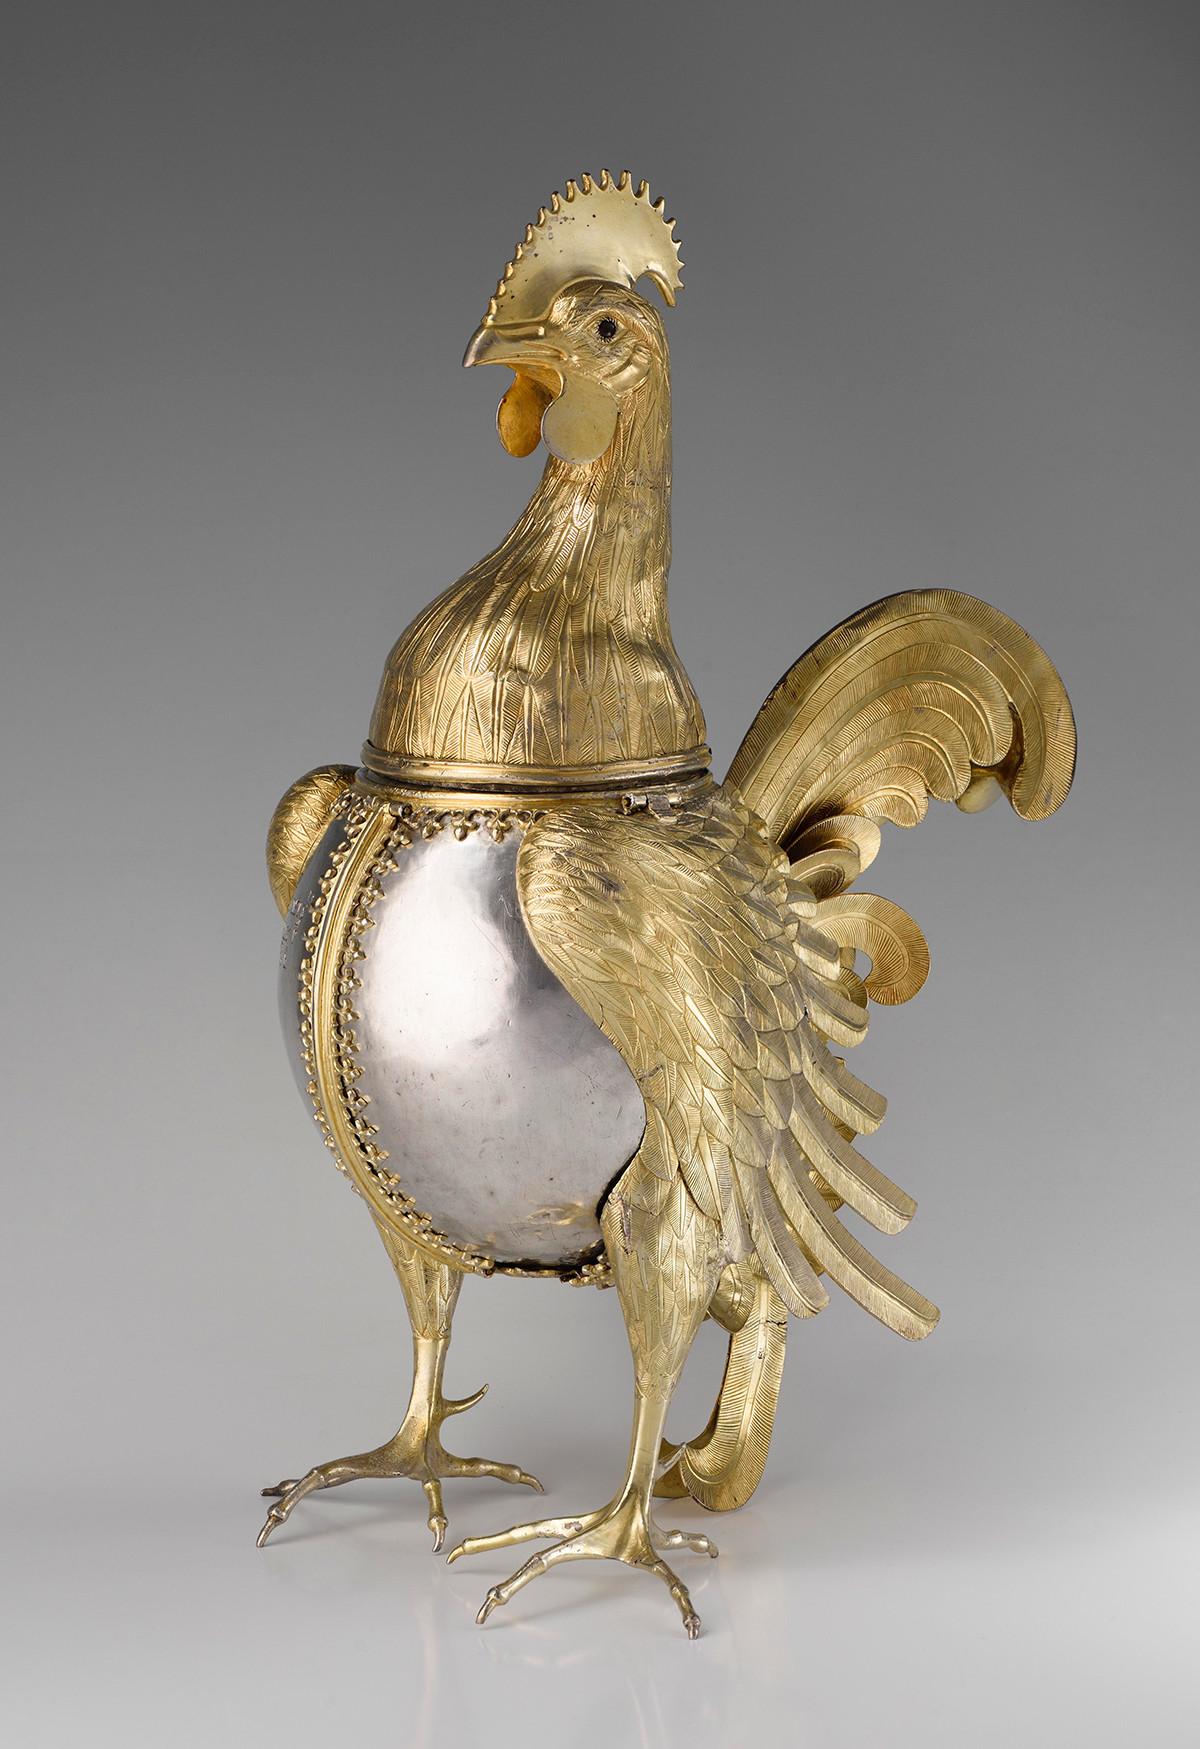 Gobelet-coq, fin du XVe - premier tiers du XVIe siècle. Appartenait au tsar Ivan le Terrible